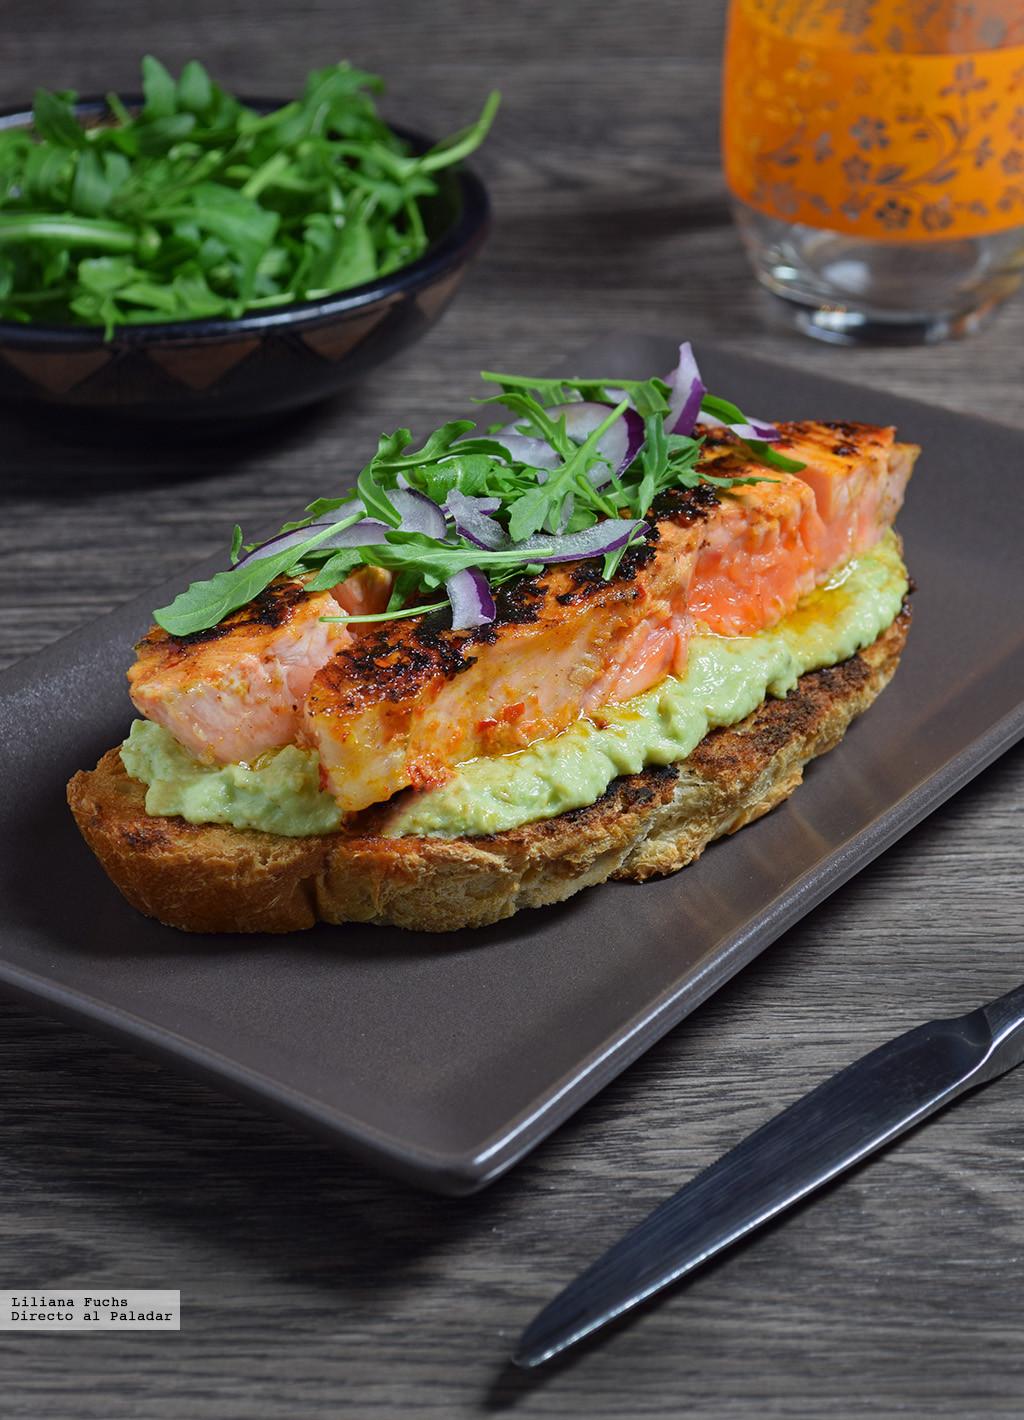 Tosta de salmón picante con crema de aguacate y queso de cabra. Receta saludable